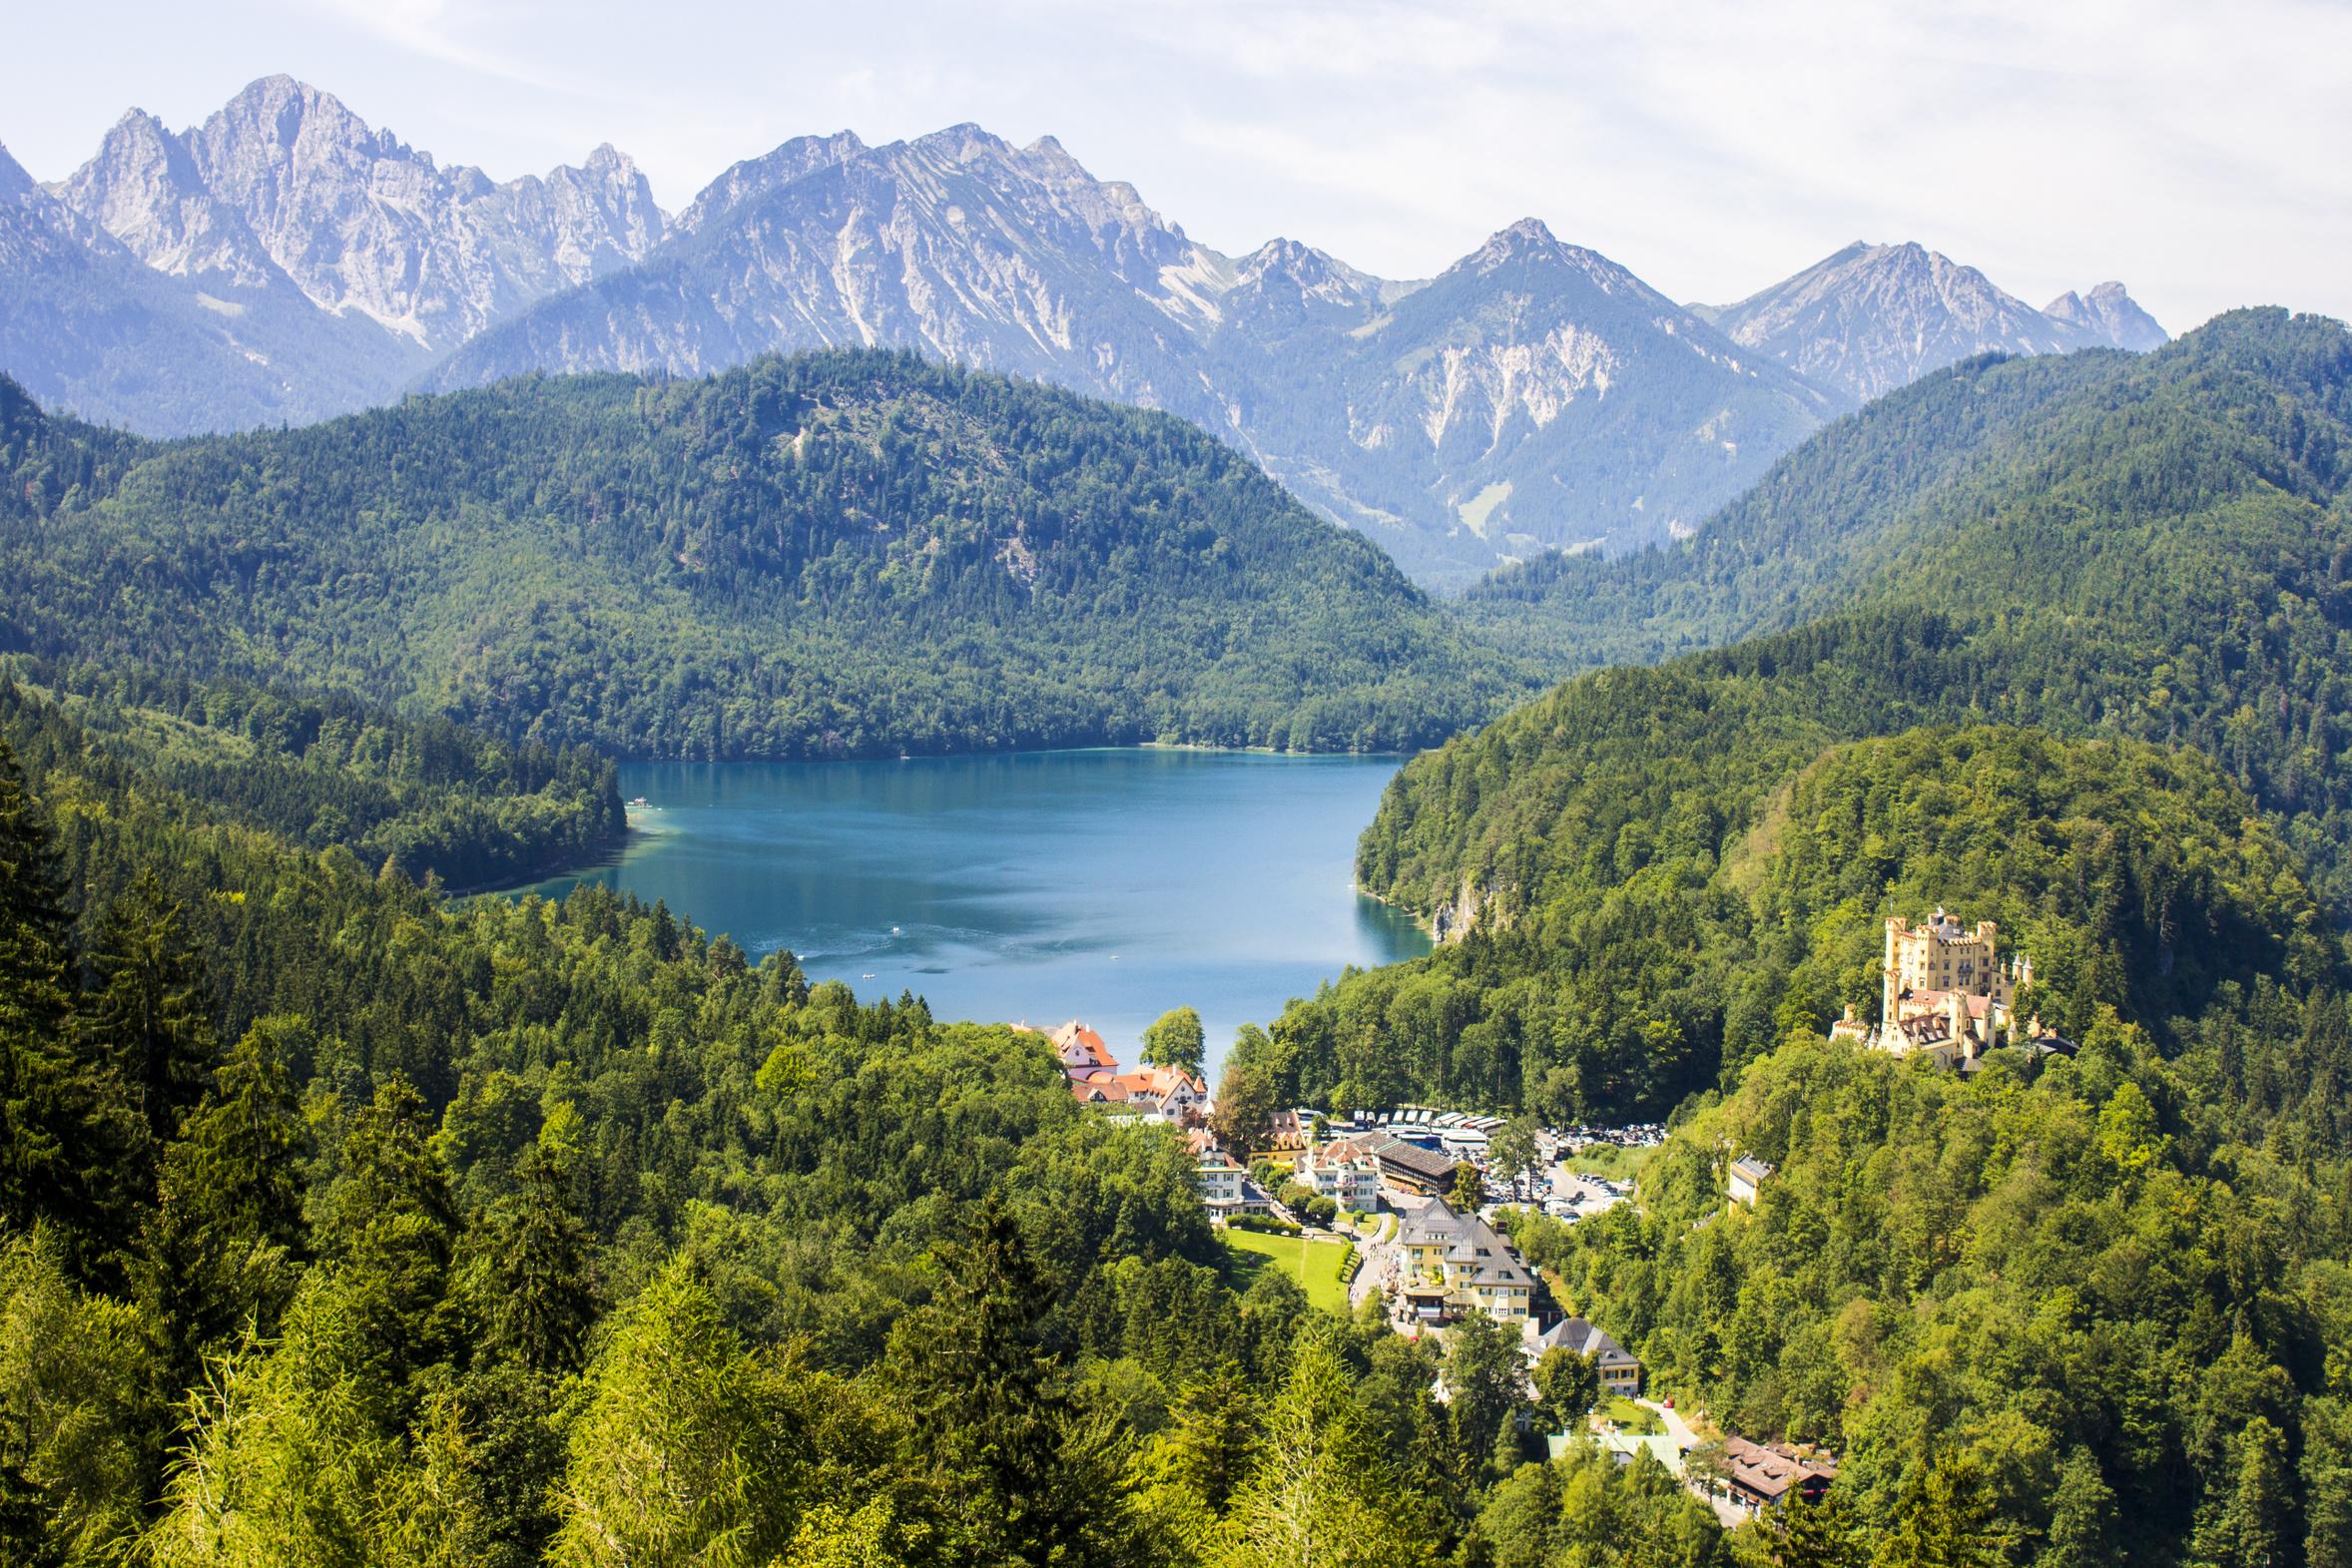 Internationaler Tag der Berge 2018: Nachhaltigkeit in den